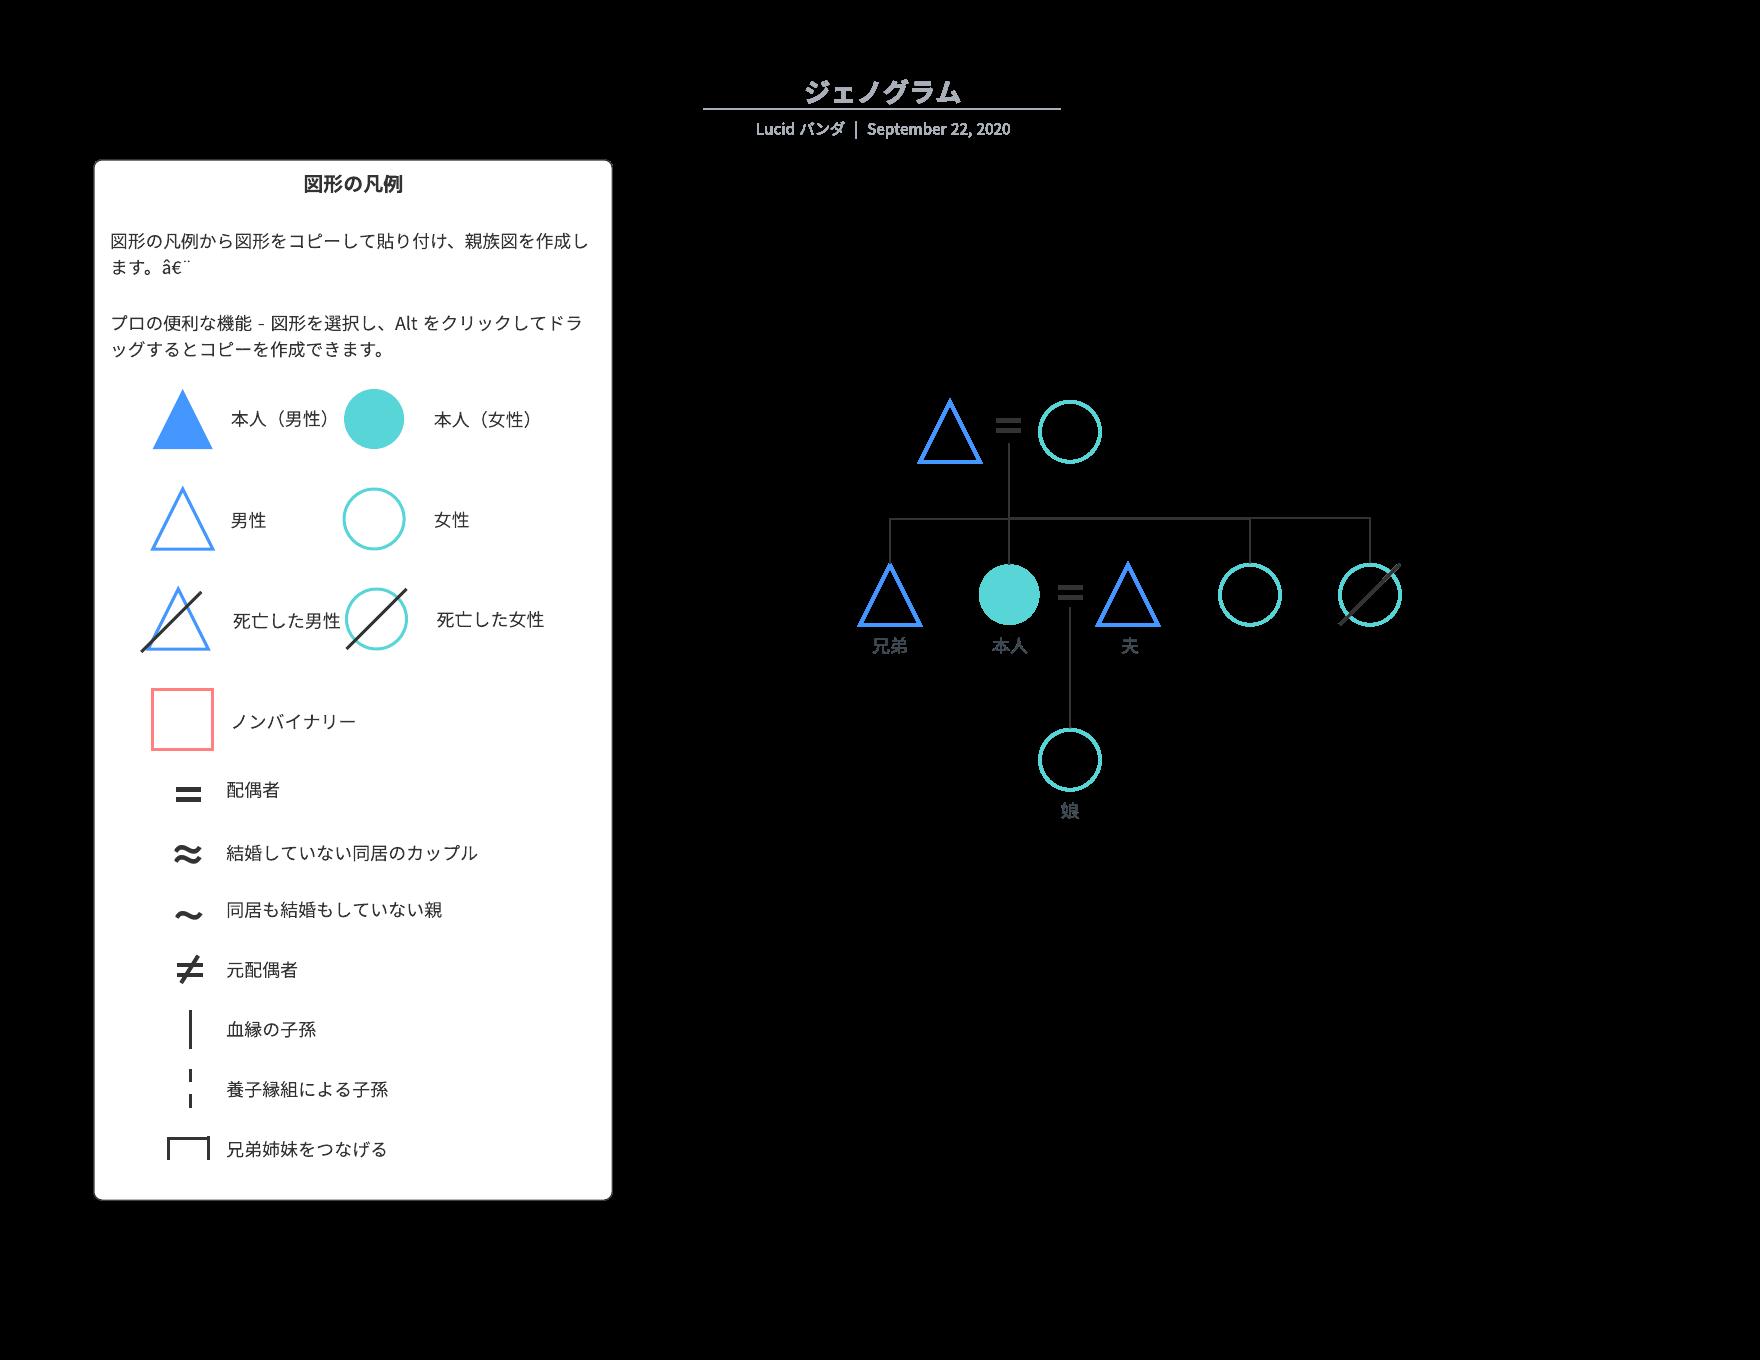 ジェノグラム・家族構成図の例とテンプレート